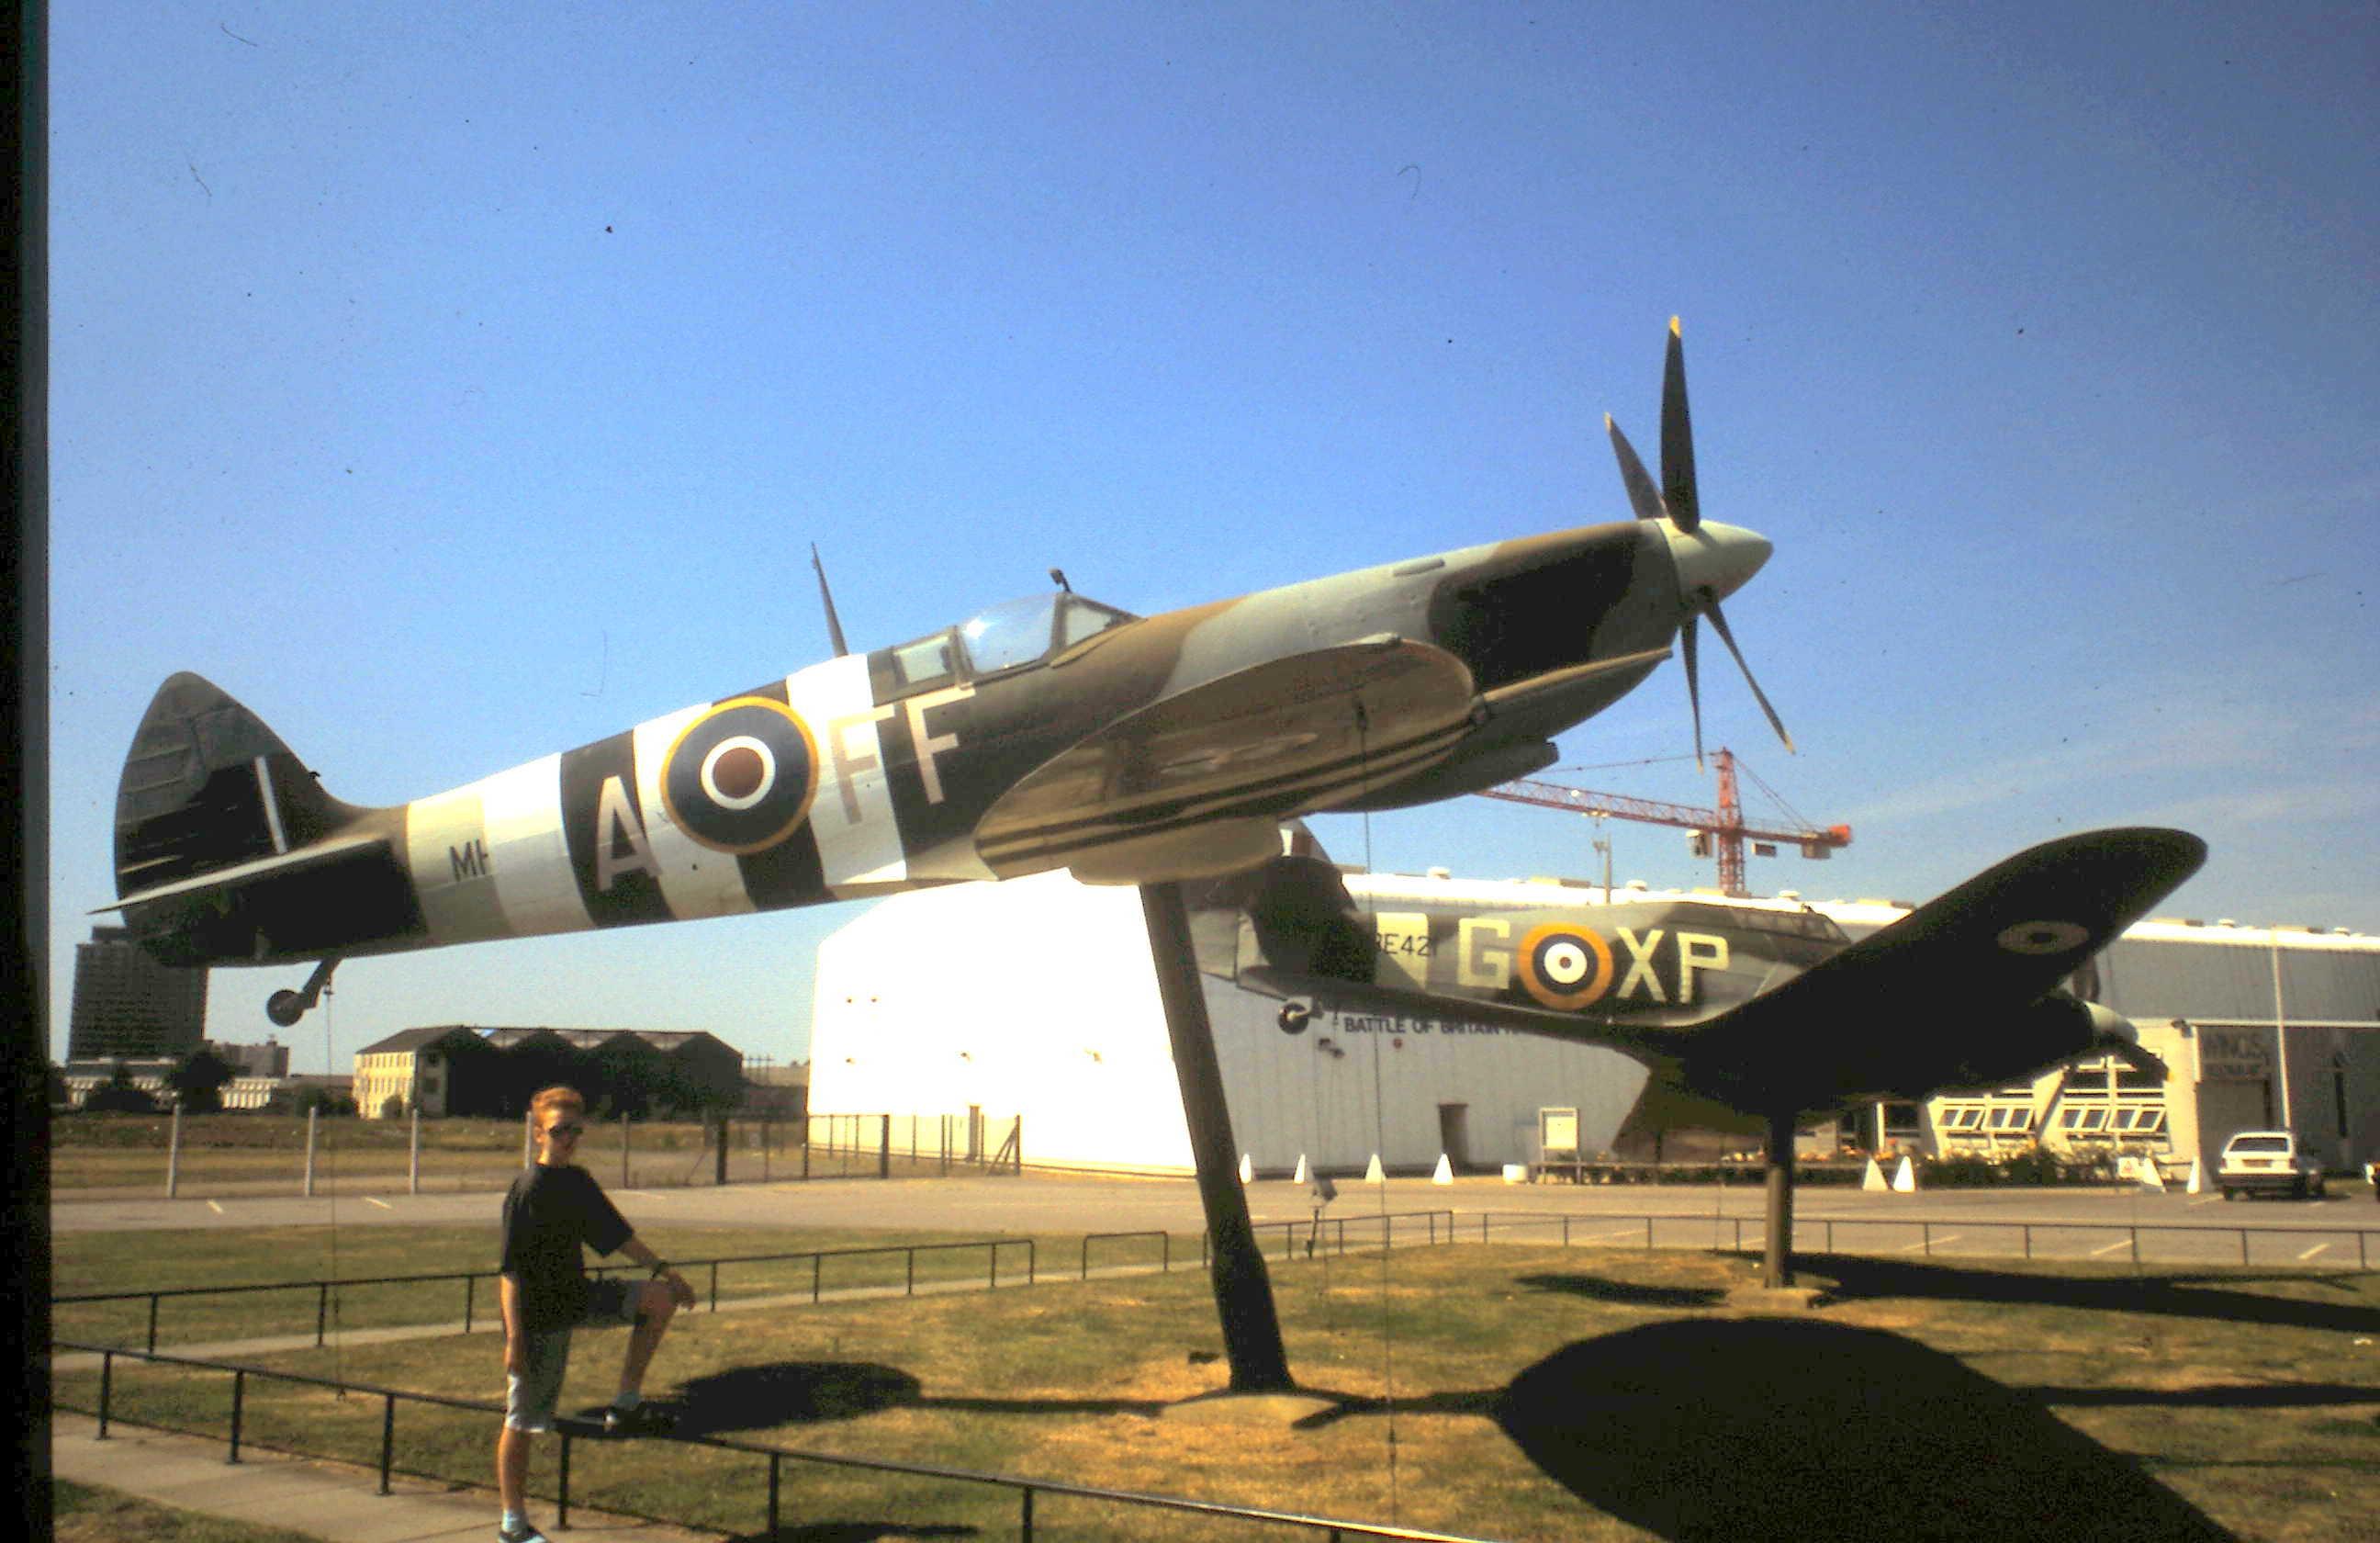 1940 1995-08-02 London Spitfire und Huricane